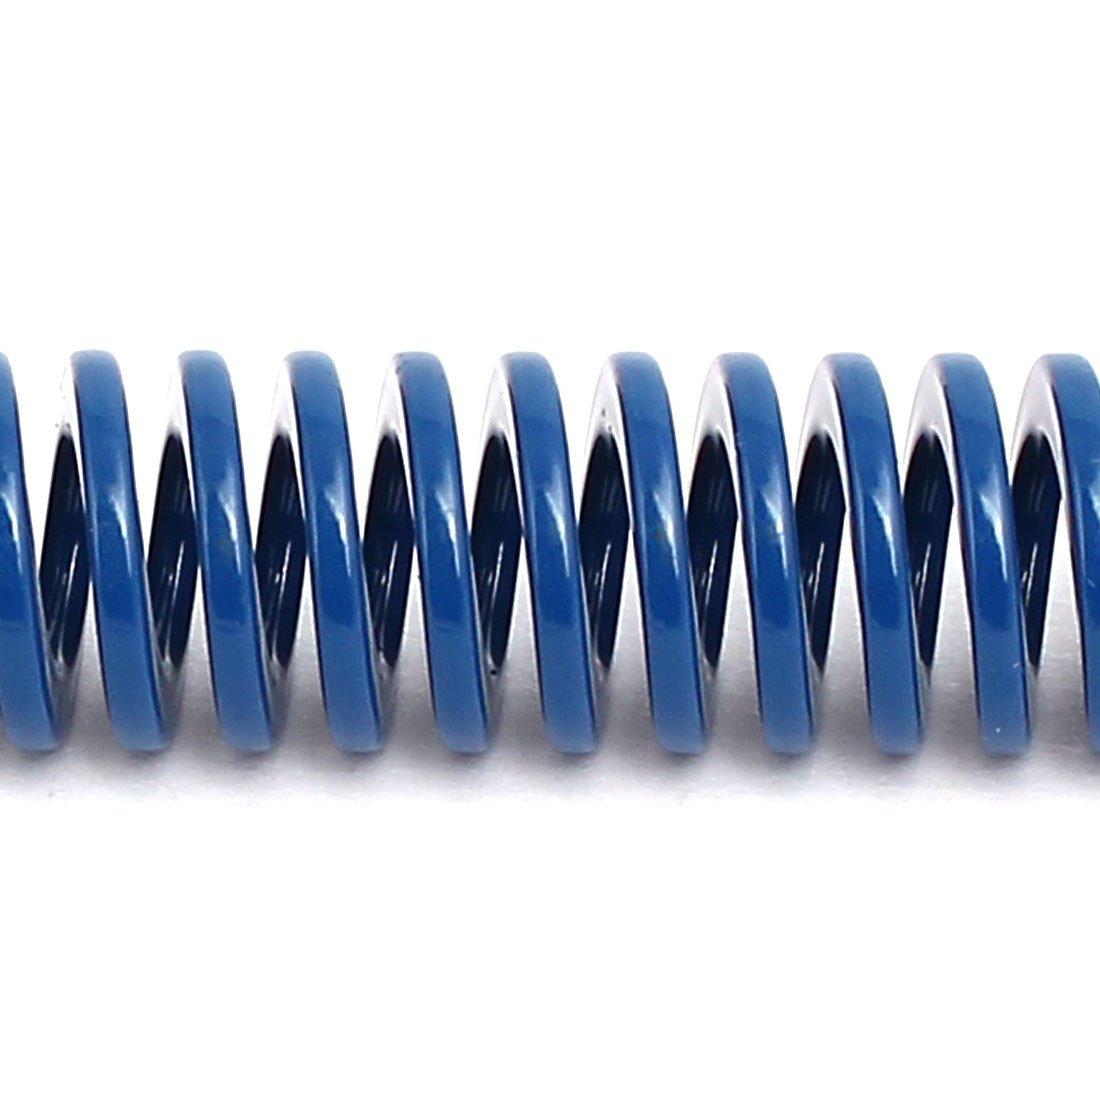 12mm Au/ßer Dmr sourcing map 5Stk 100mm L/änge Leicht Last Kompression Spiralfeder Blau de